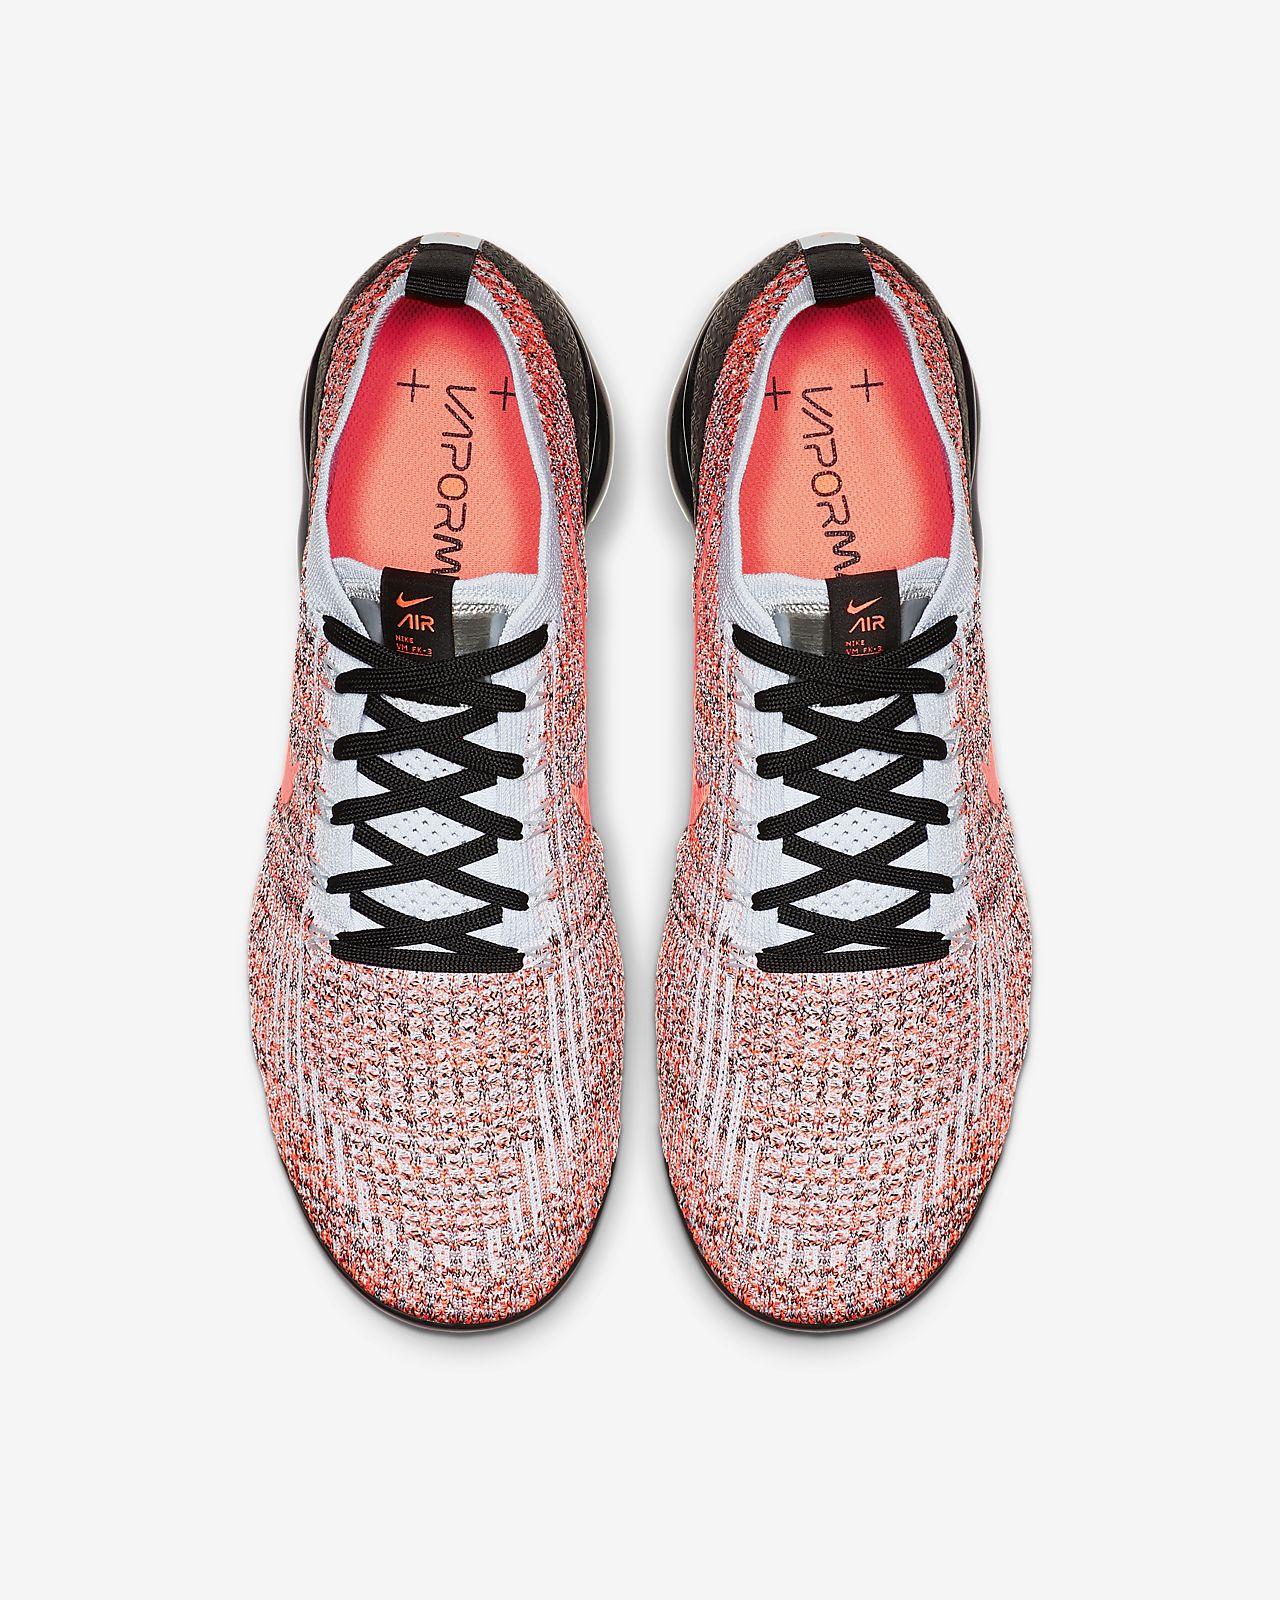 6bca31888f Nike Air VaporMax Flyknit 3 Men's Shoe. Nike.com DK